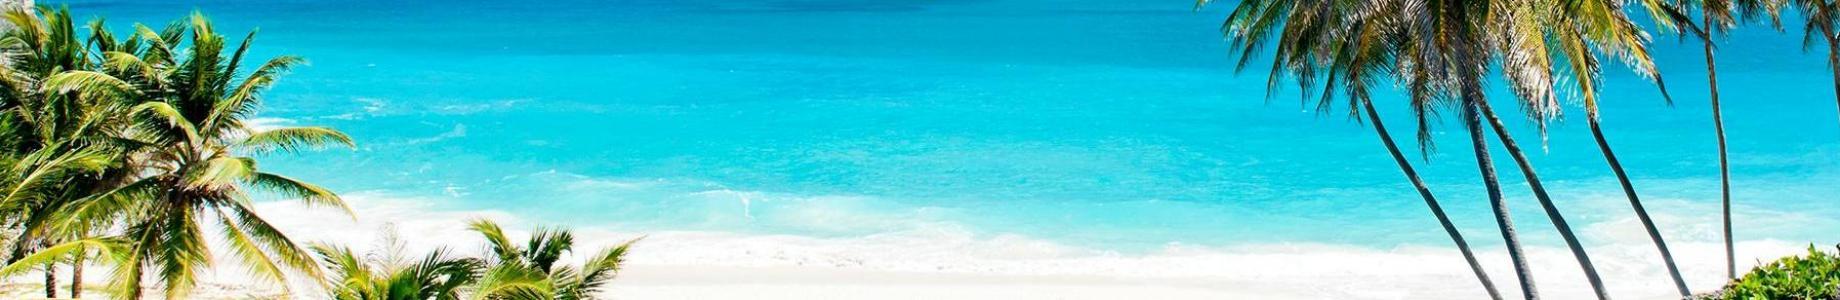 Карибы – рай и ад. Как сделать яхтинг на Карибах ярким приключением, а куда лучше не соваться